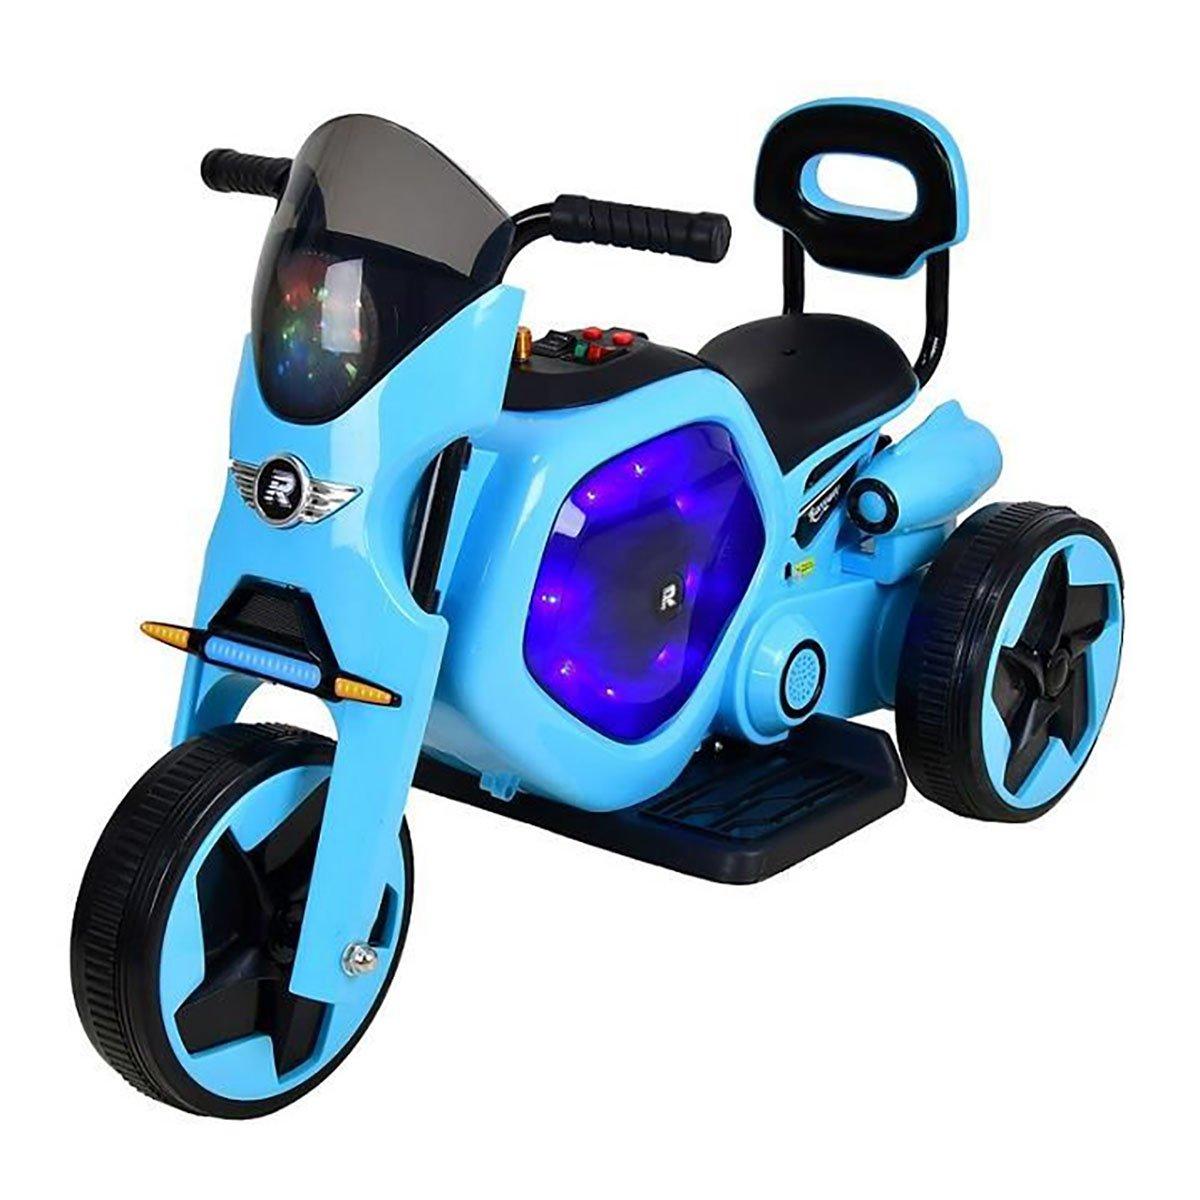 Tricicleta electrica DHS, albastru cu negru imagine